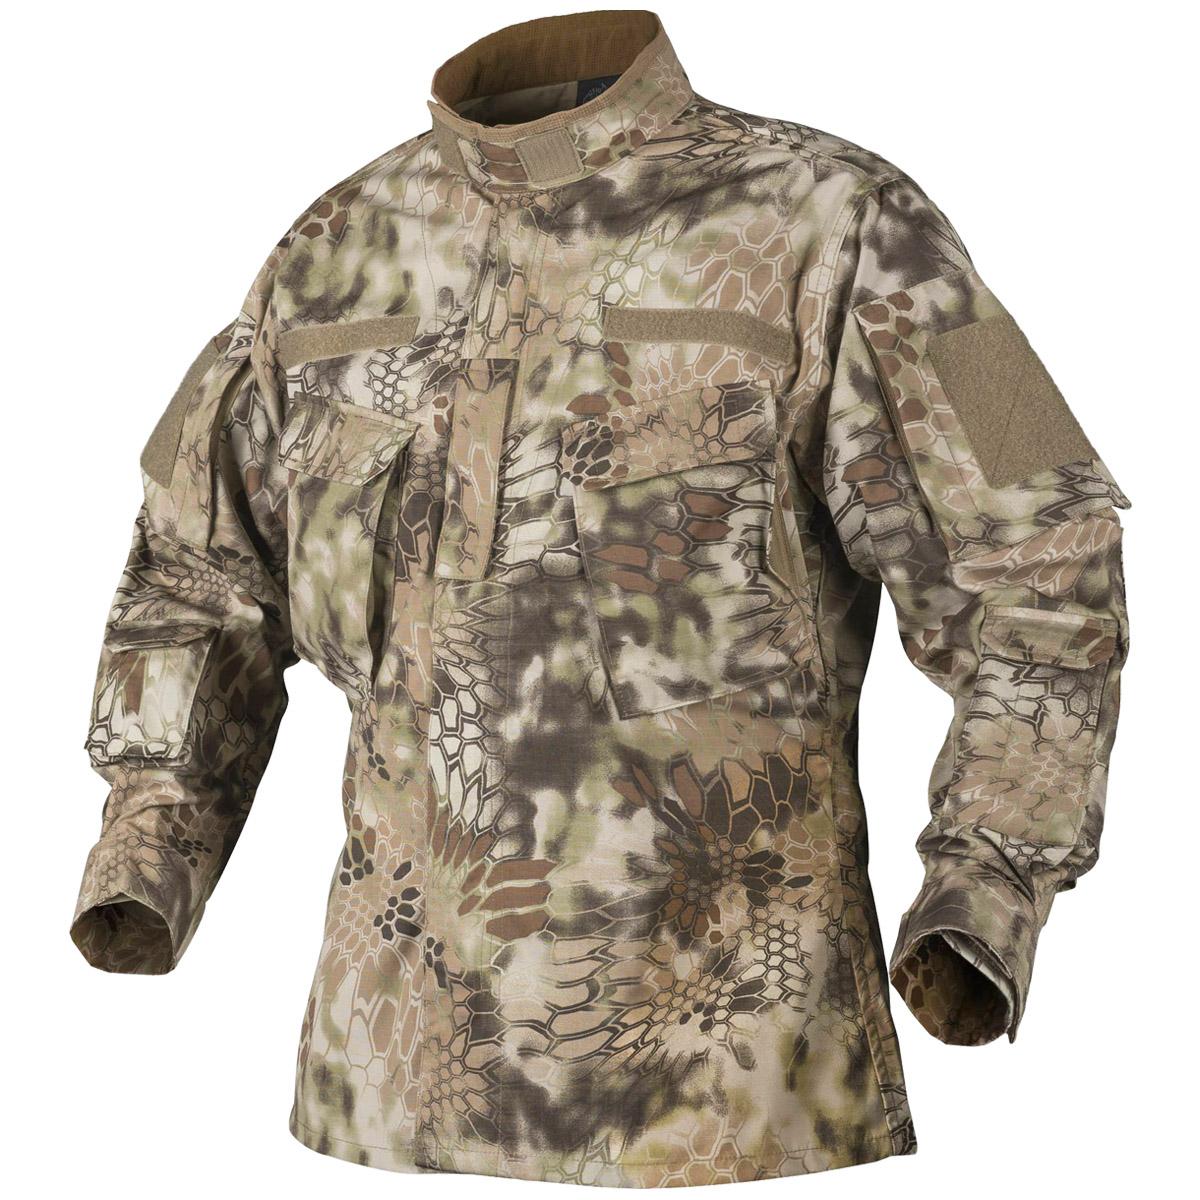 Highlander For Sale >> Helikon CPU Shirt Kryptek Highlander | Helikon CPU | Military 1st